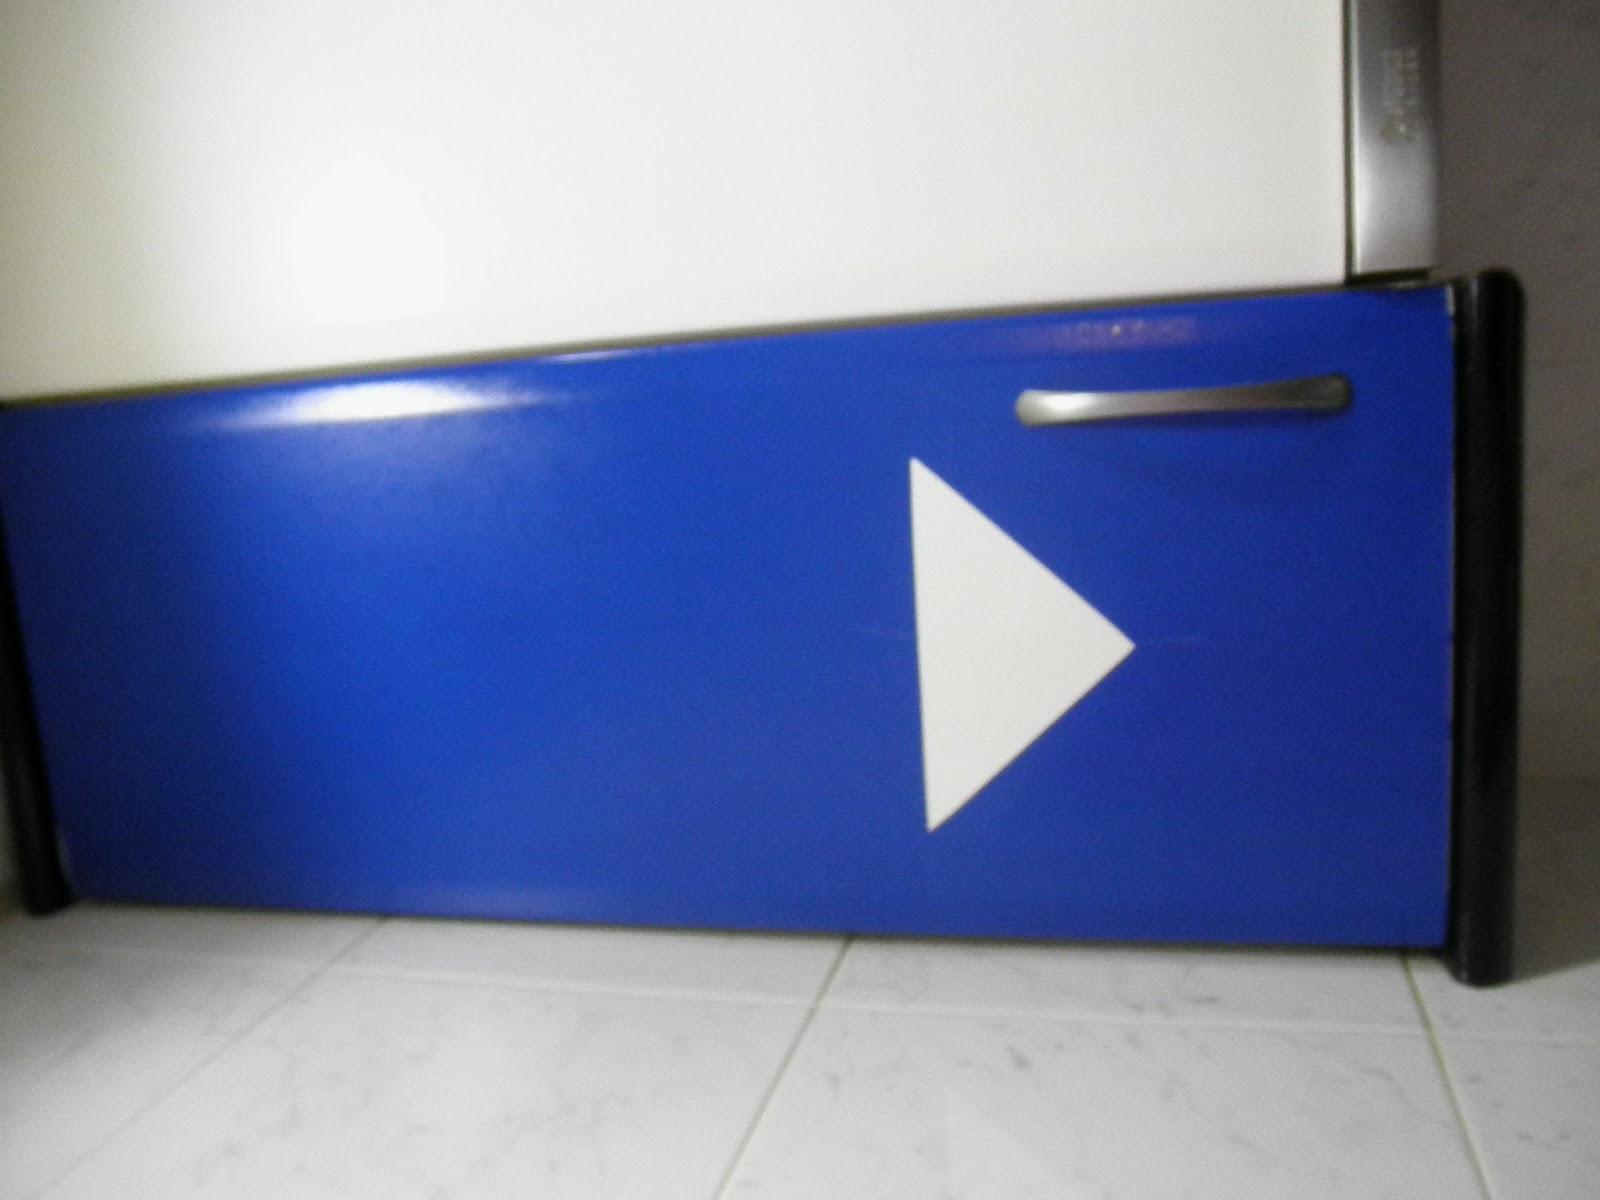 Dise a tu entorno restauraci n de puerta de armario - Disena tu armario ...